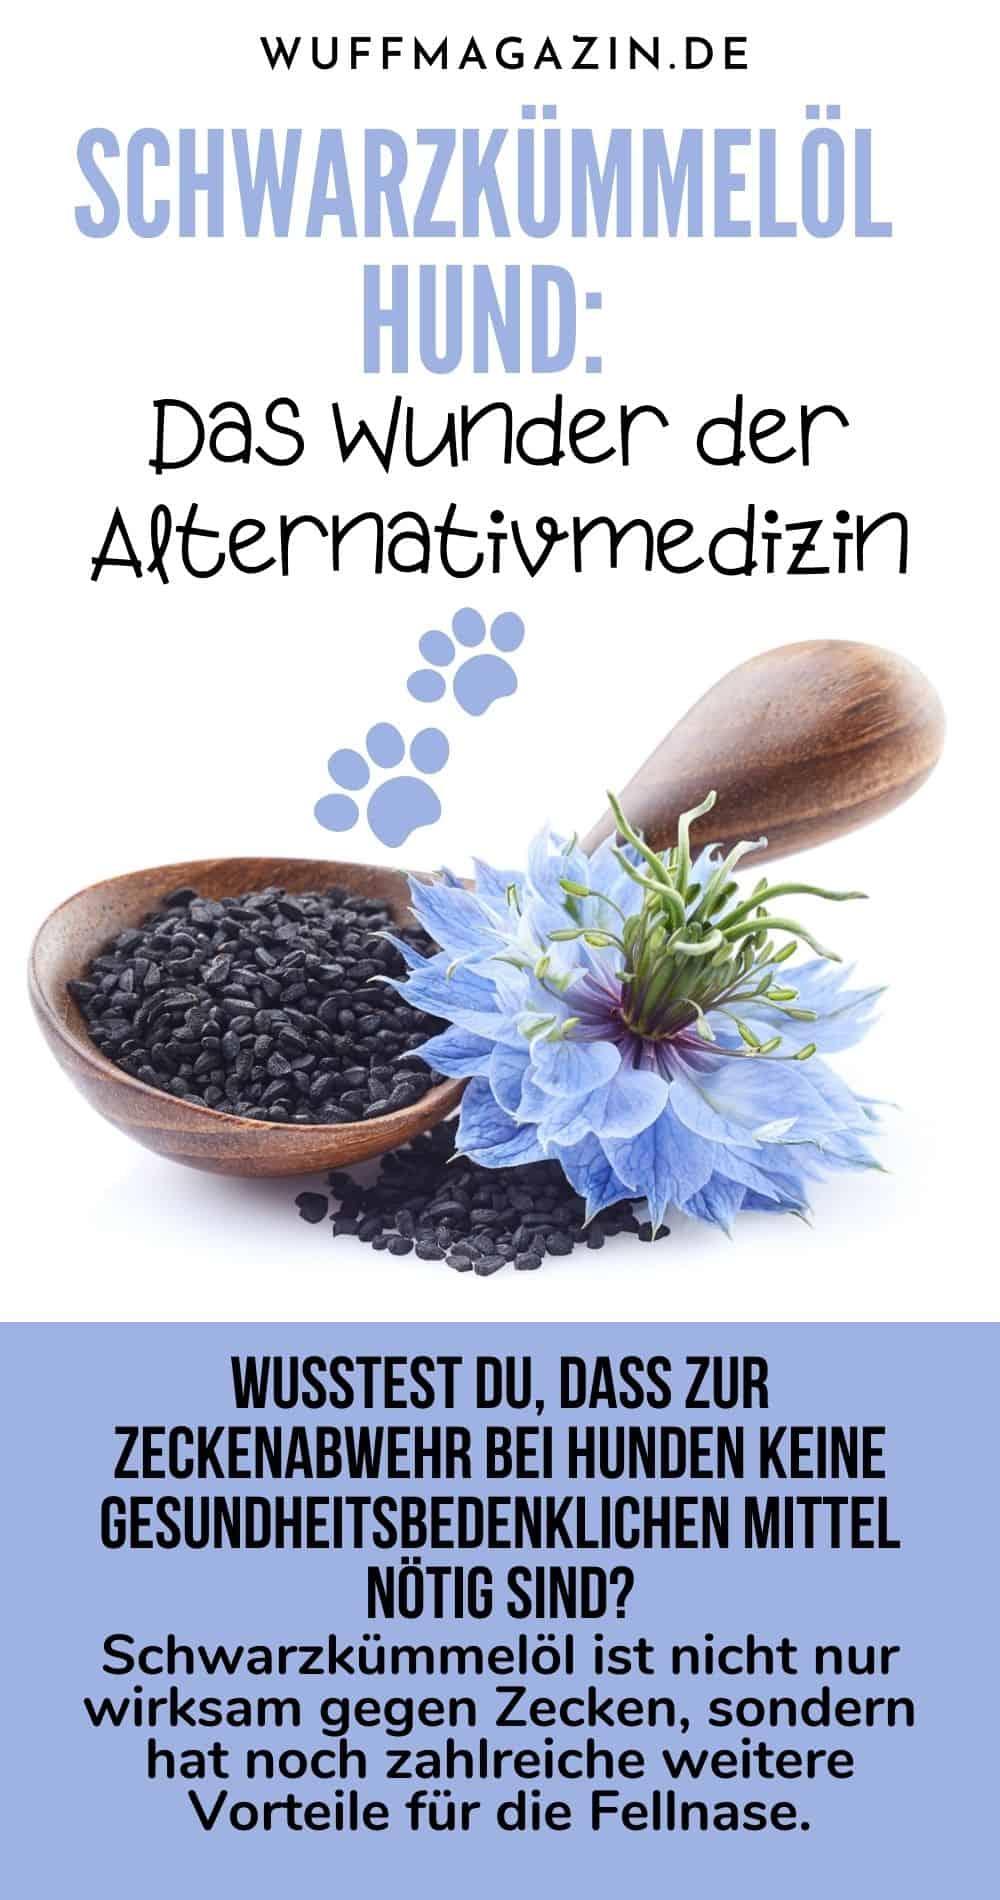 Schwarzkümmelöl Hund Das Wunder der Alternativmedizin